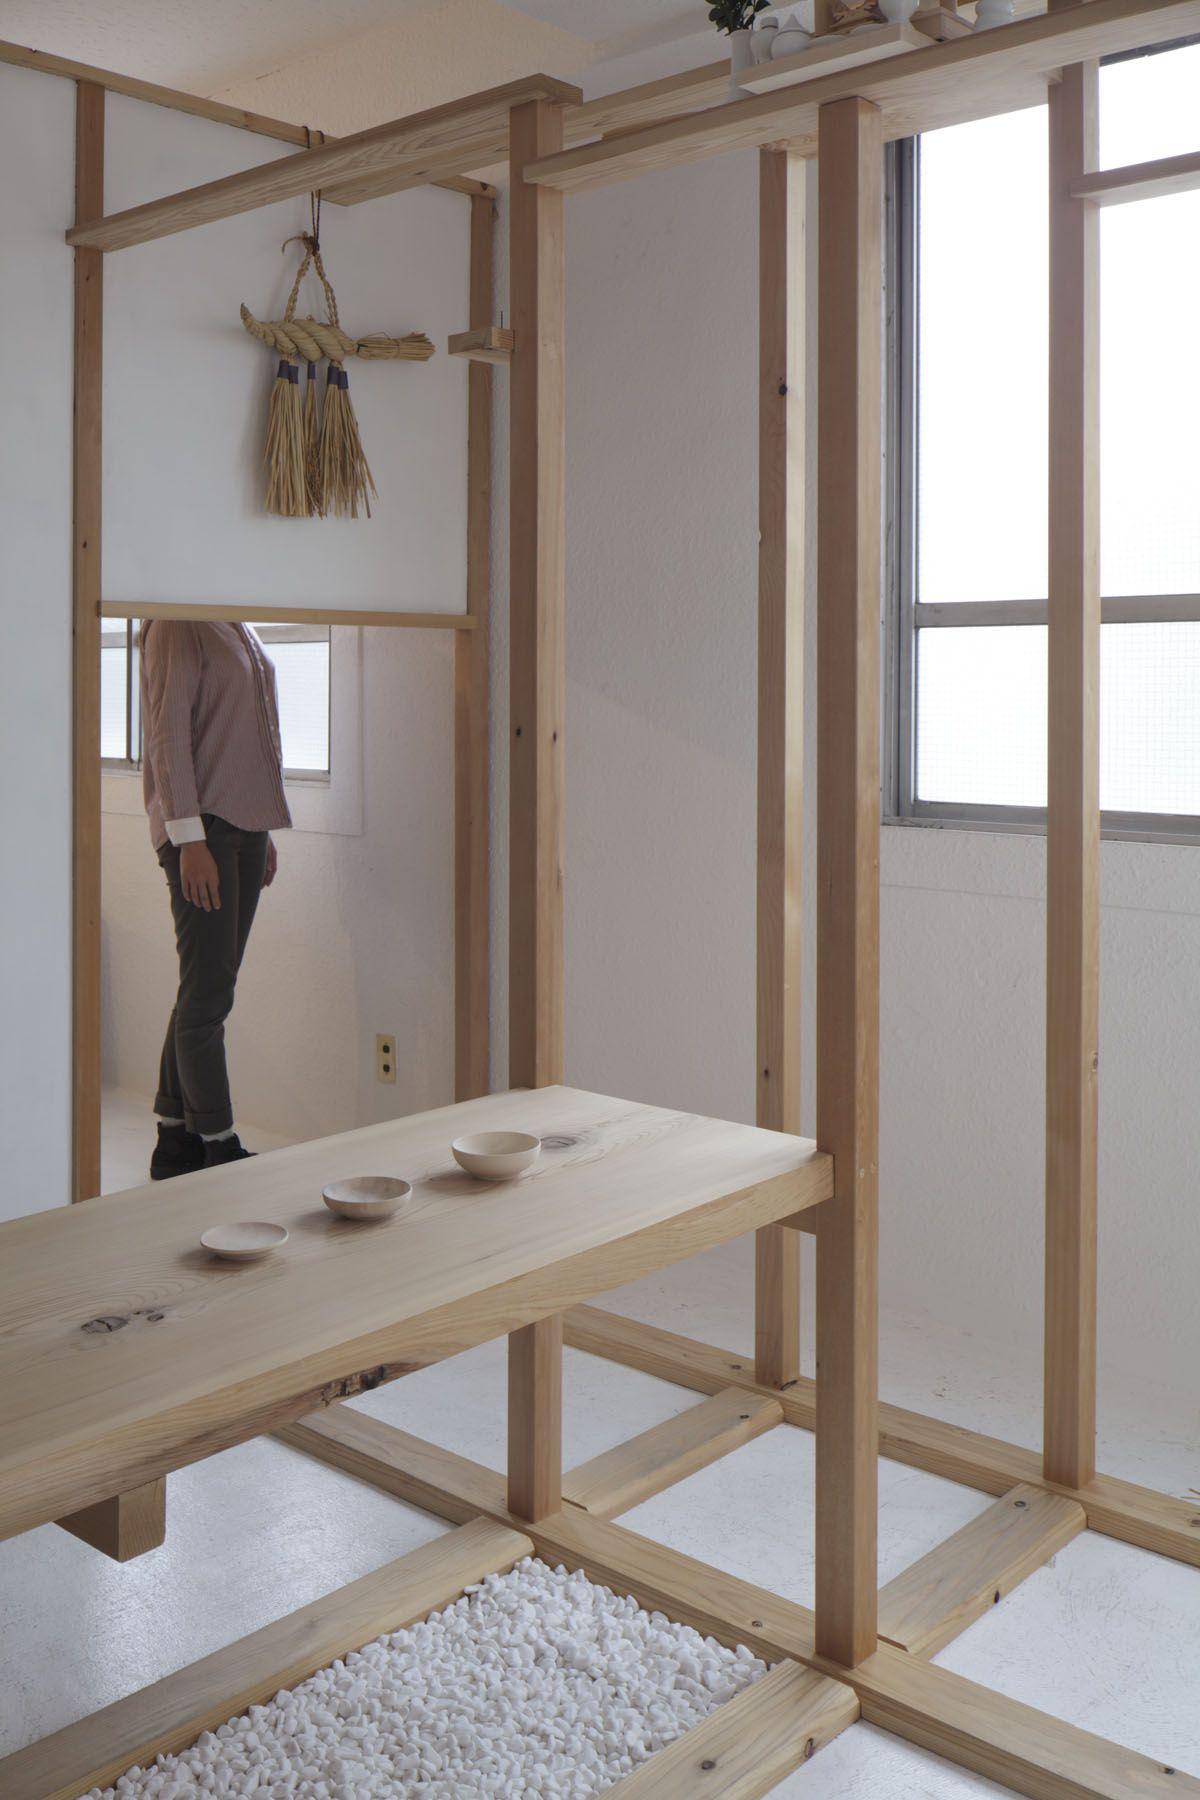 En yu an fumihiko sano studio phenomenon architecture pinterest architektur - Japanische innenarchitektur ...